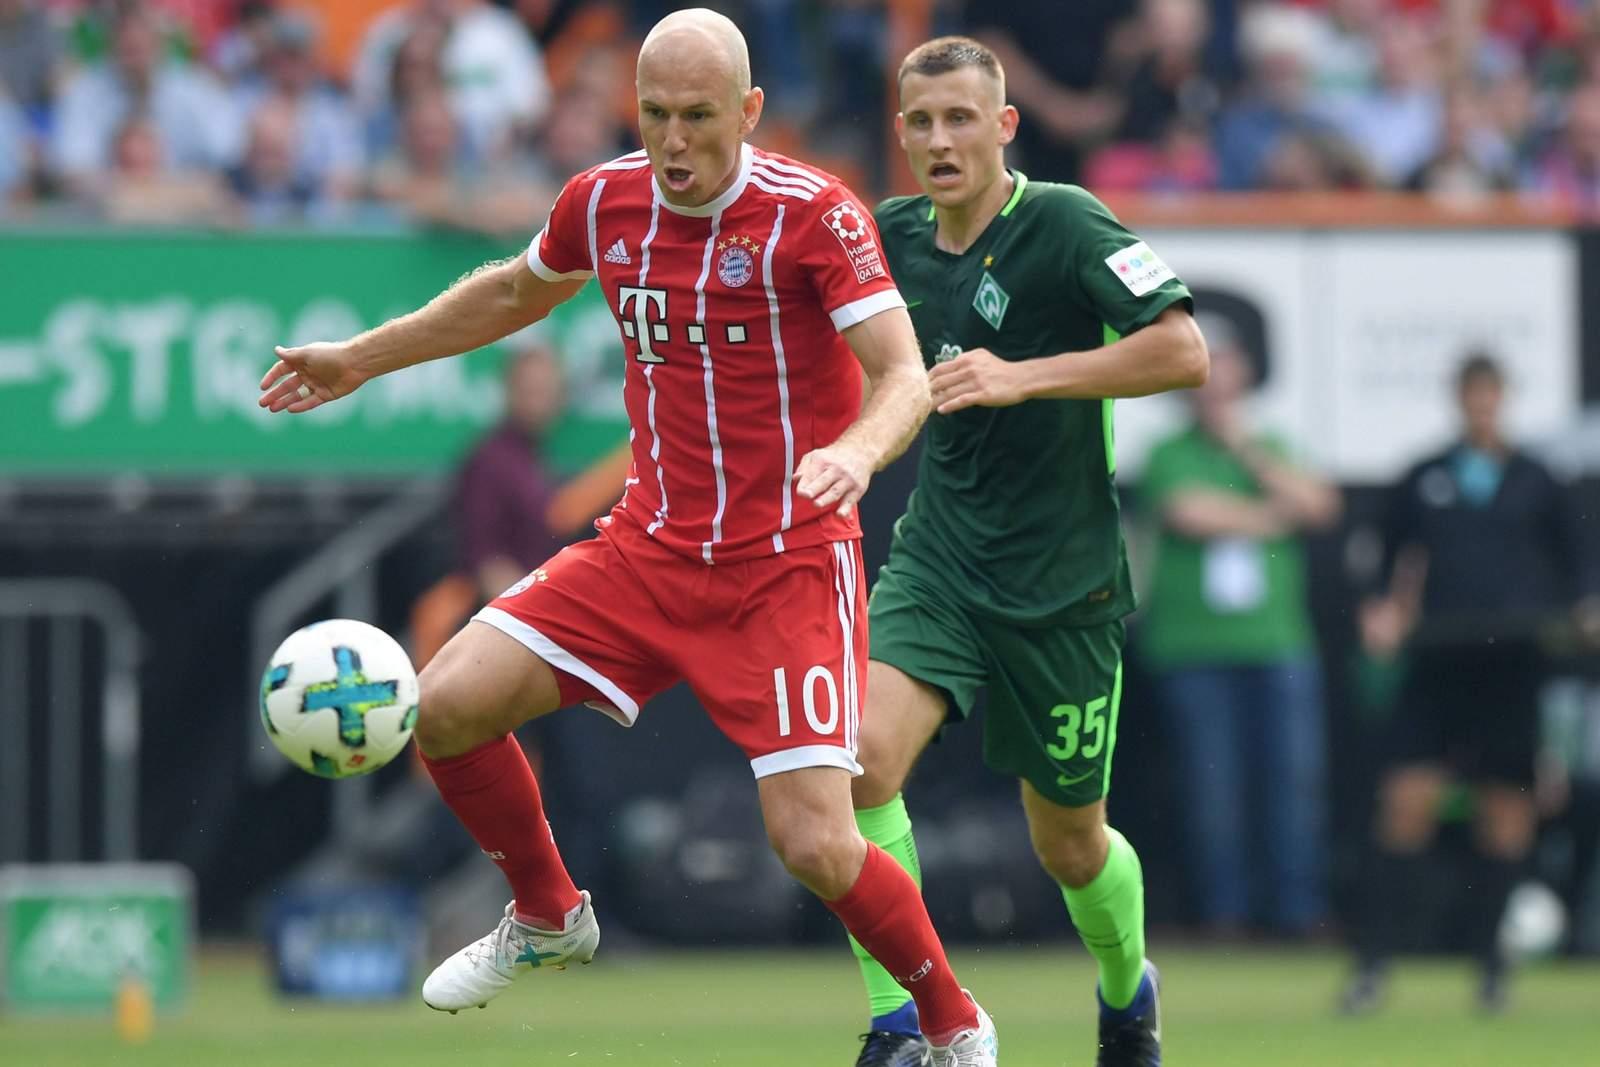 Setzt sich Robben gegen Eggestein durch? Jetzt auf Werder vs Bayern wetten